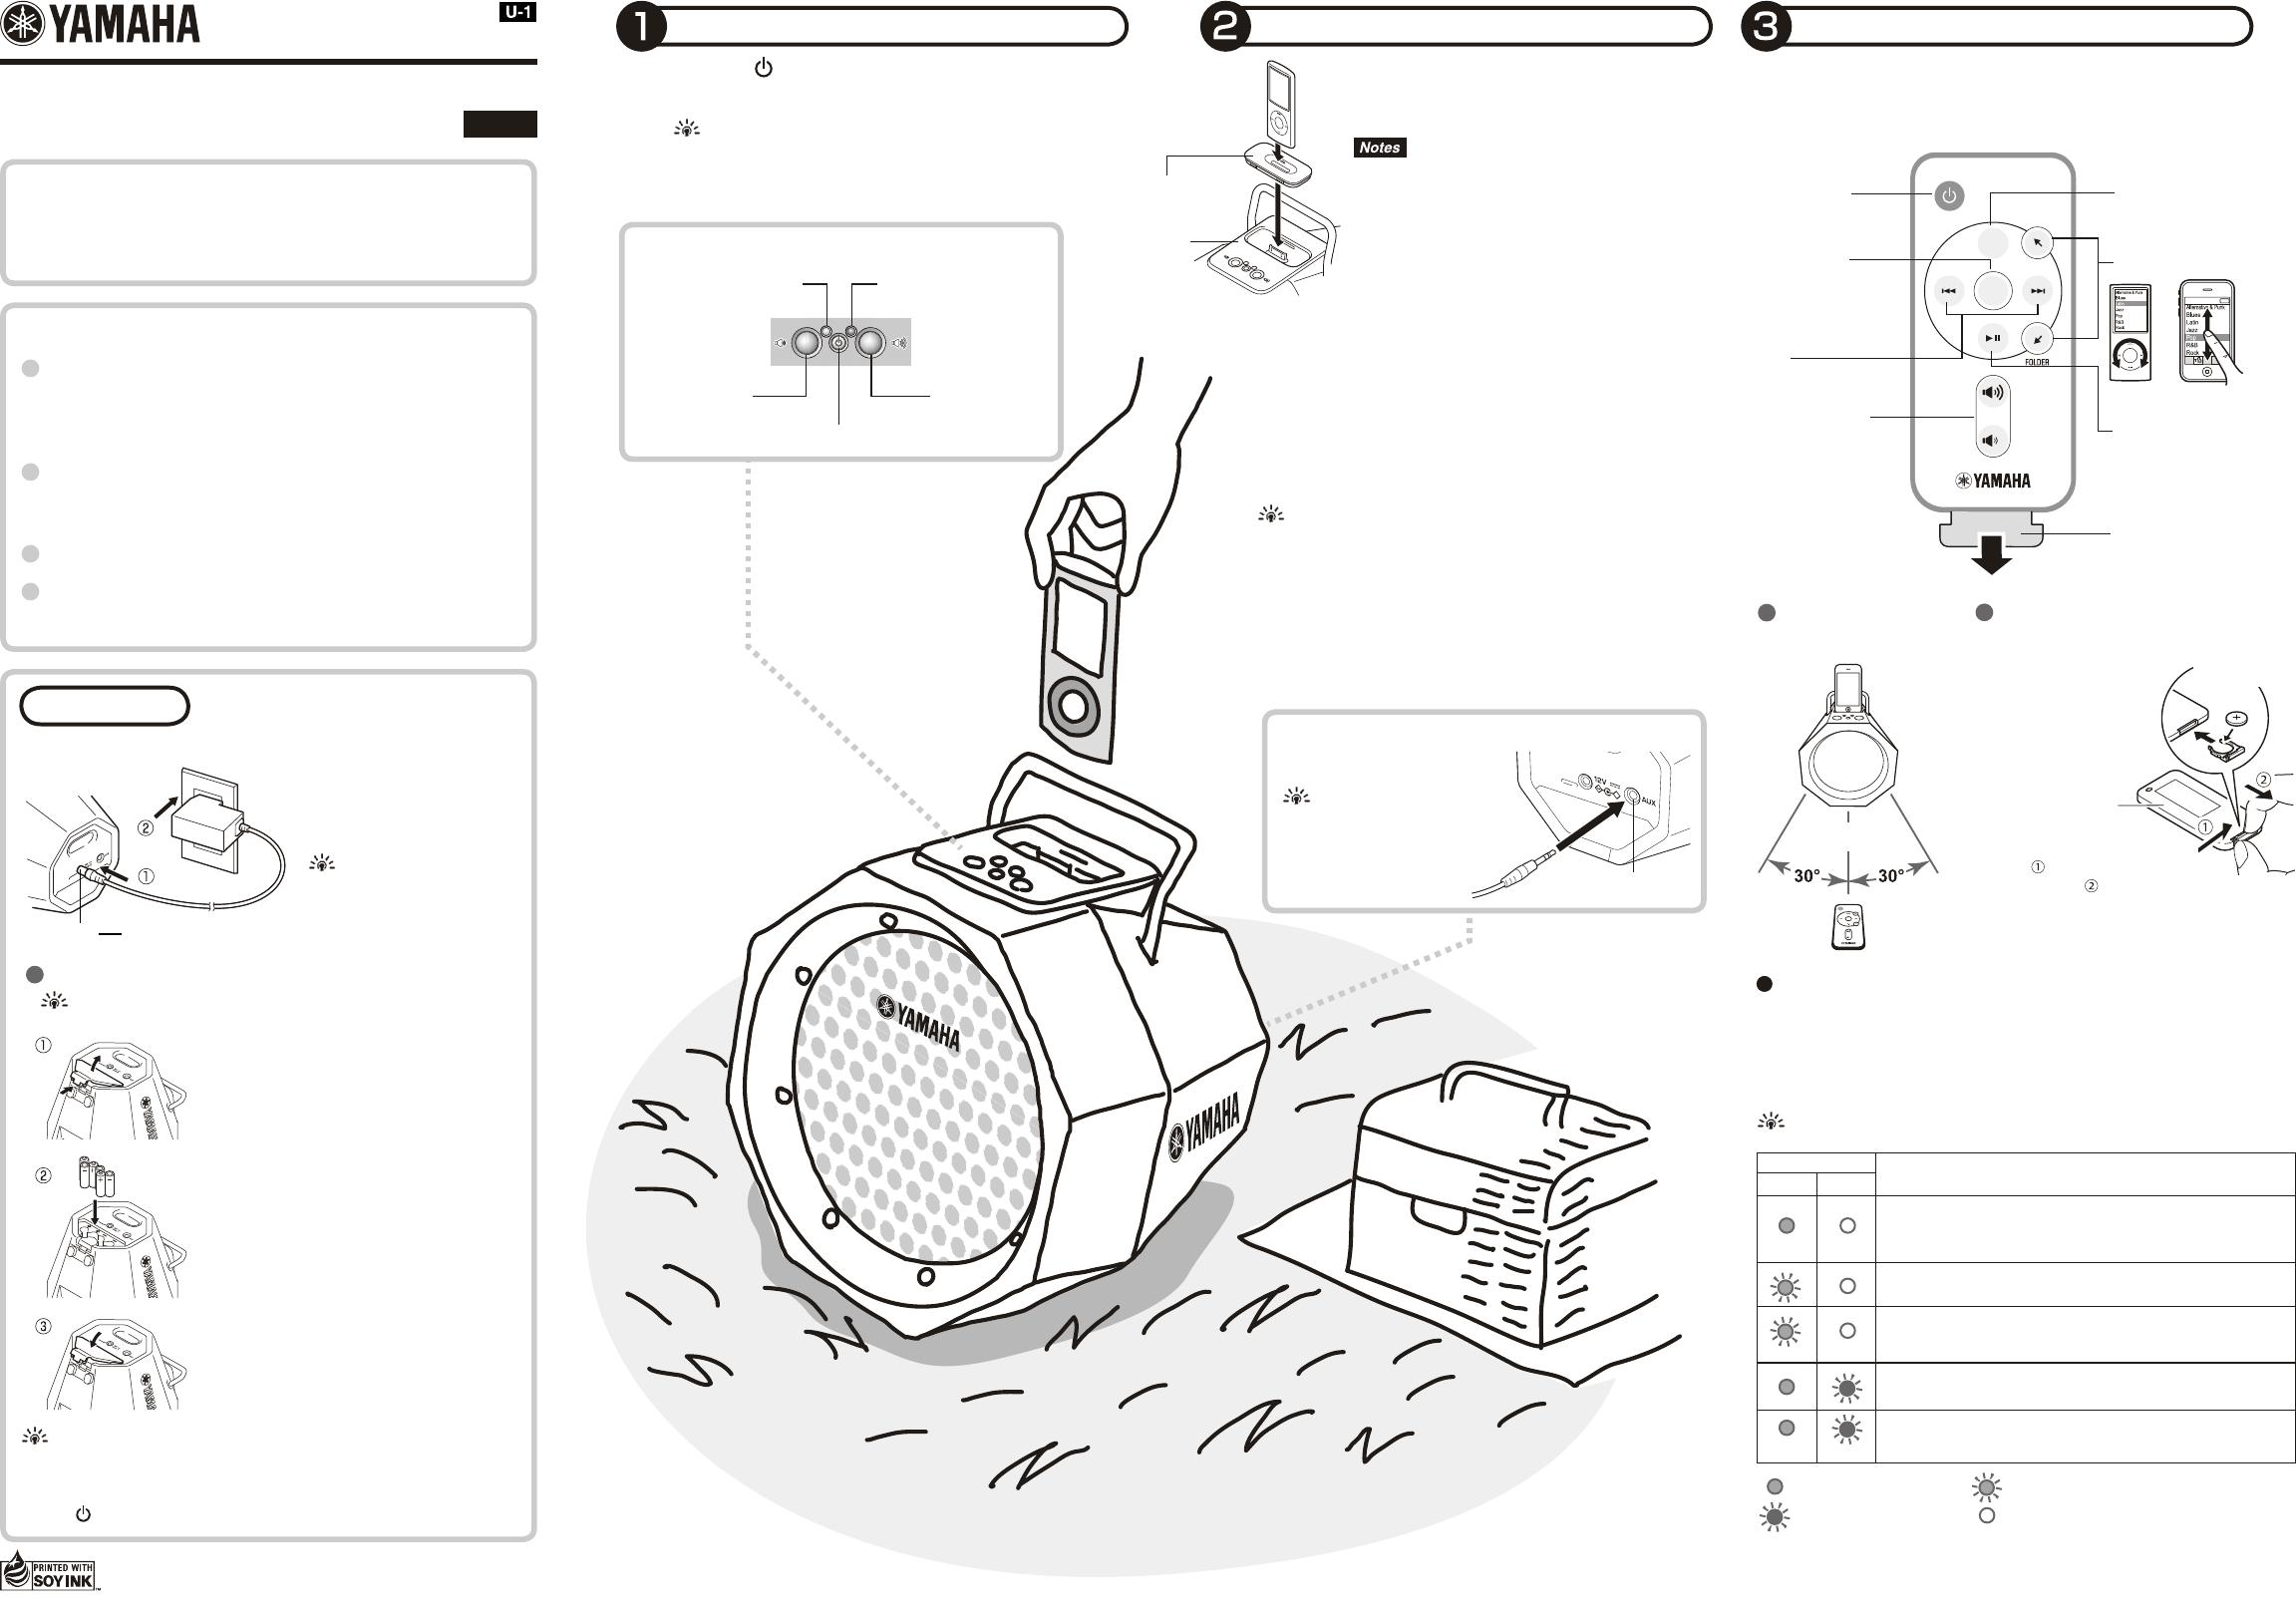 P185 Ingersoll Air Compressor Wiring Schematics